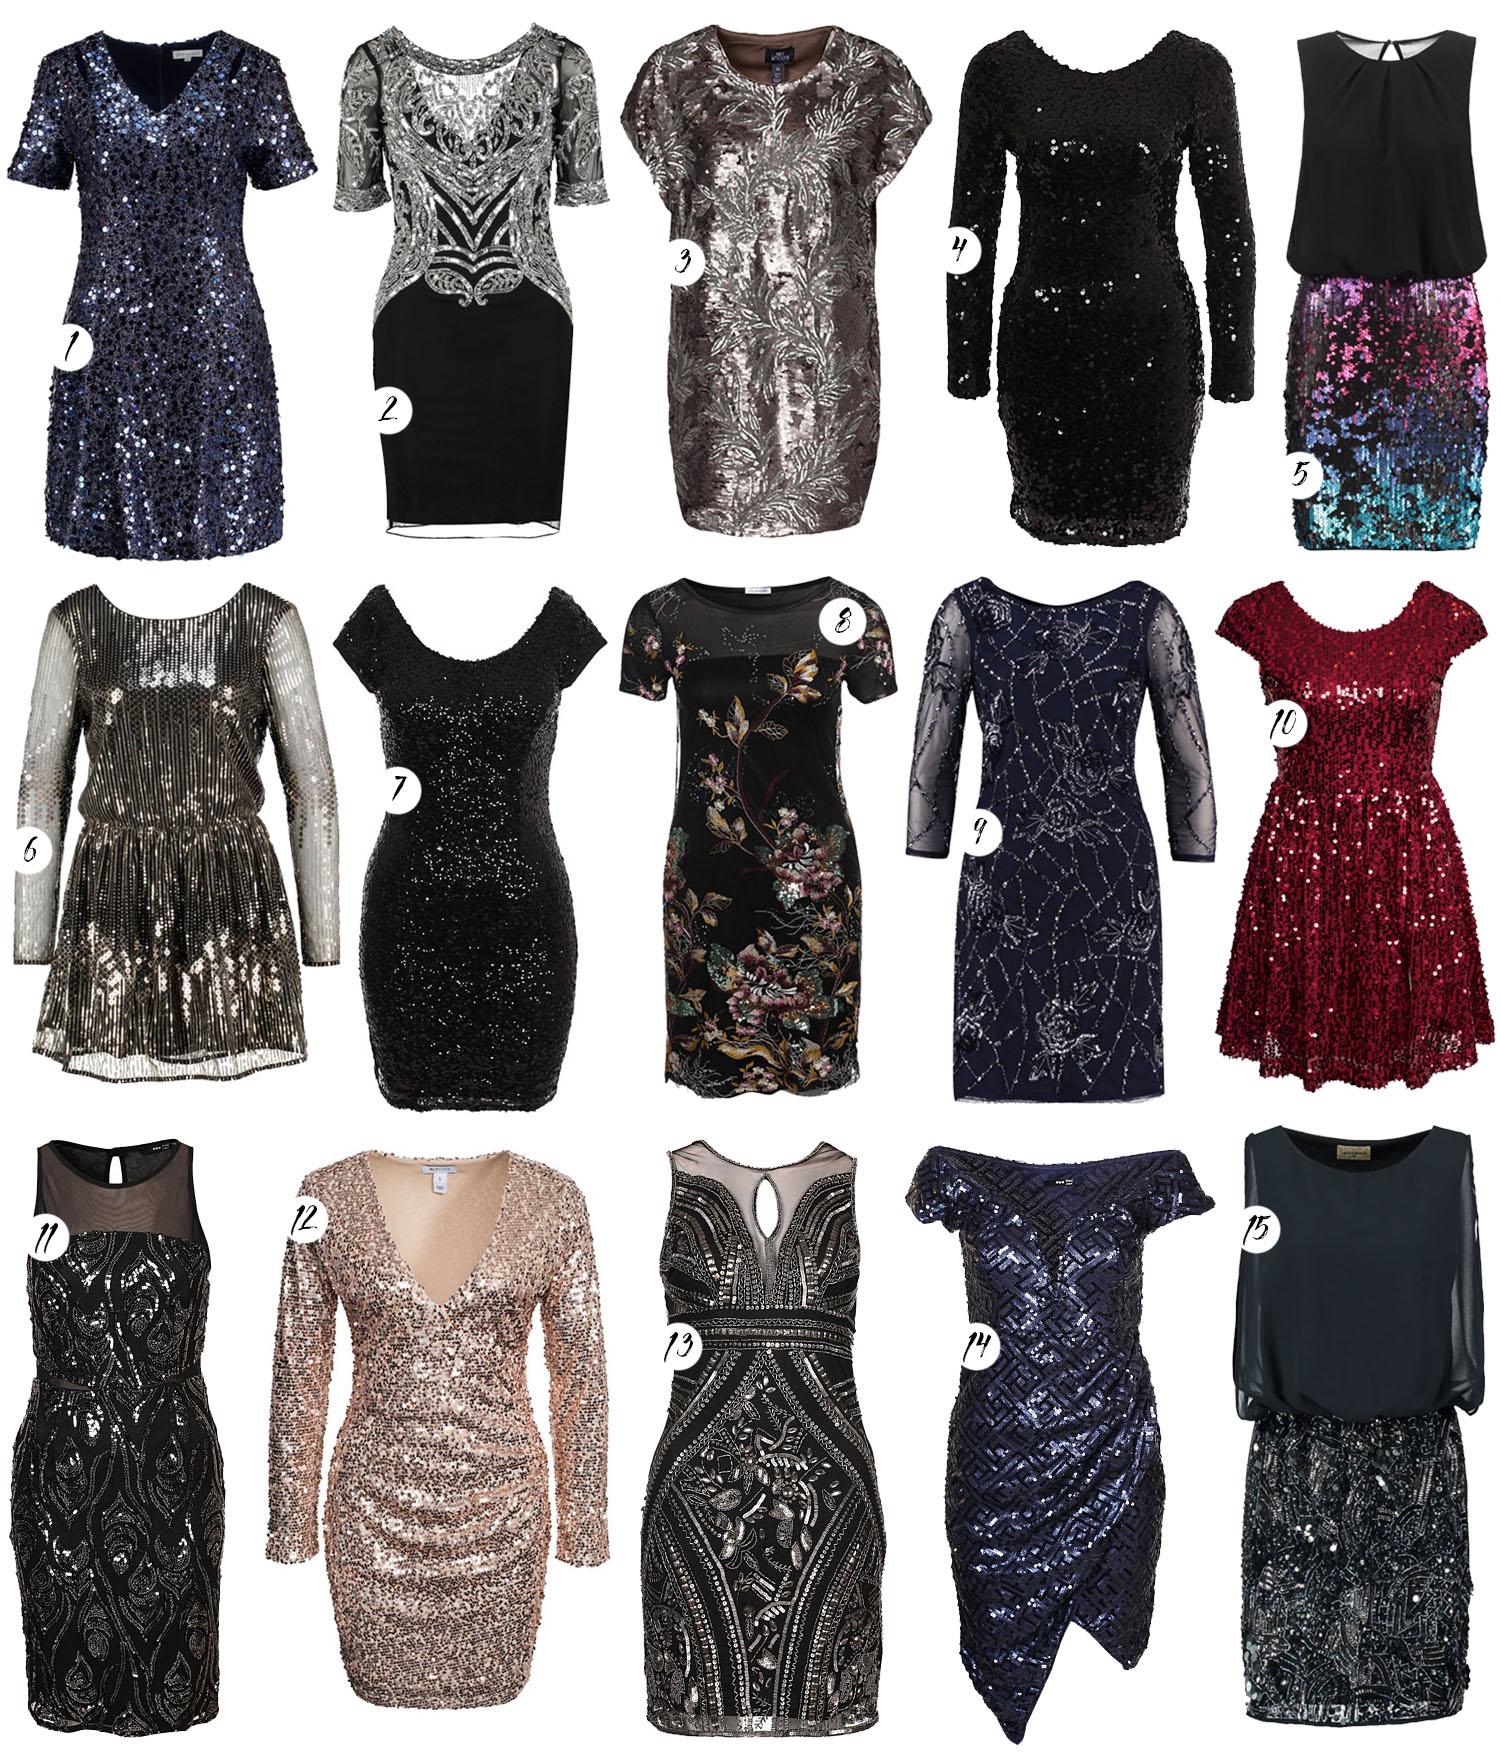 Paljettklänningar - Sequin Dresses